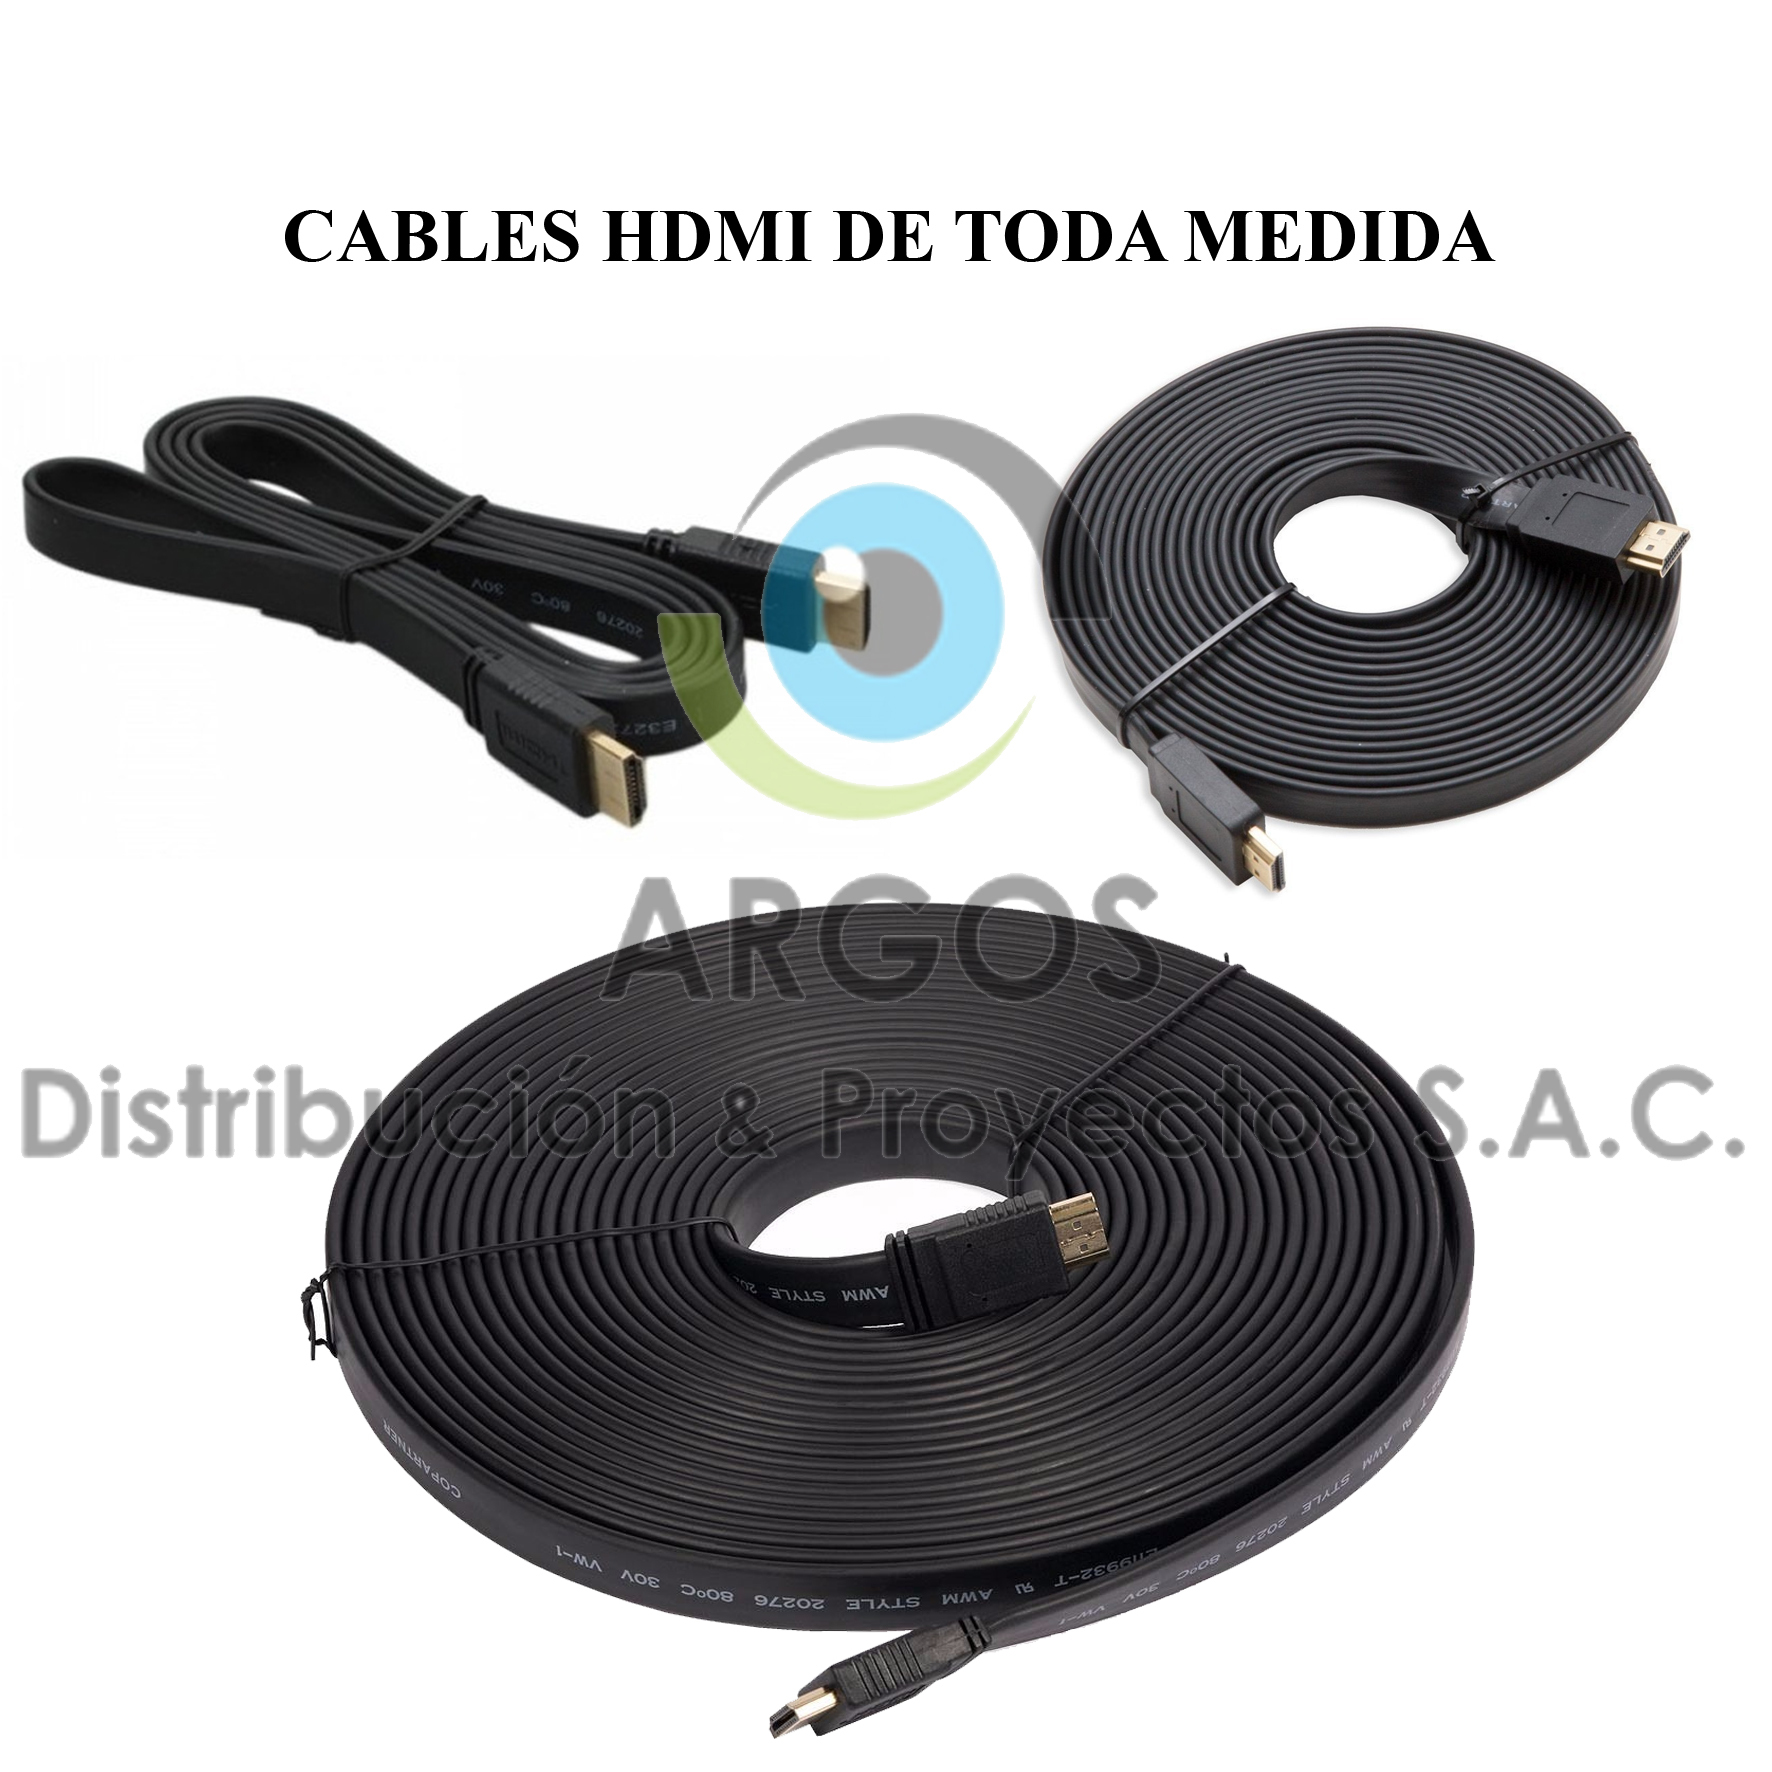 Cables HDMI desde 1.5m hasta 30m